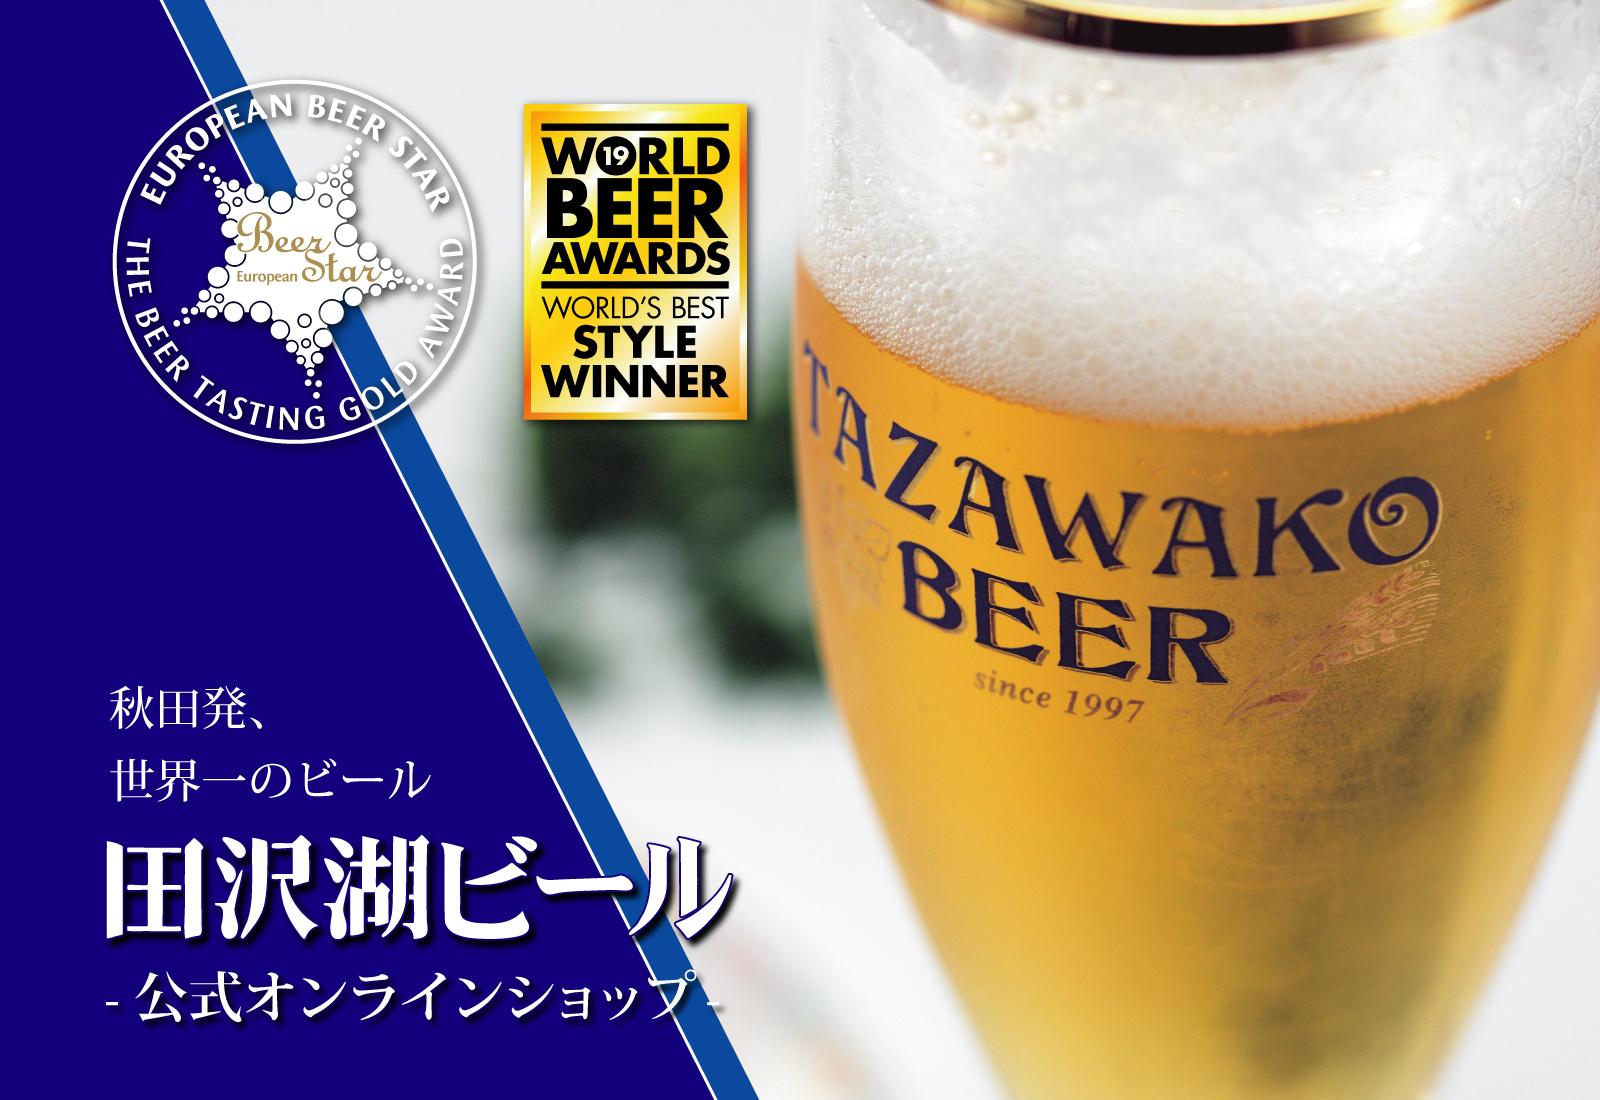 田沢湖ビール公式オンラインショップ